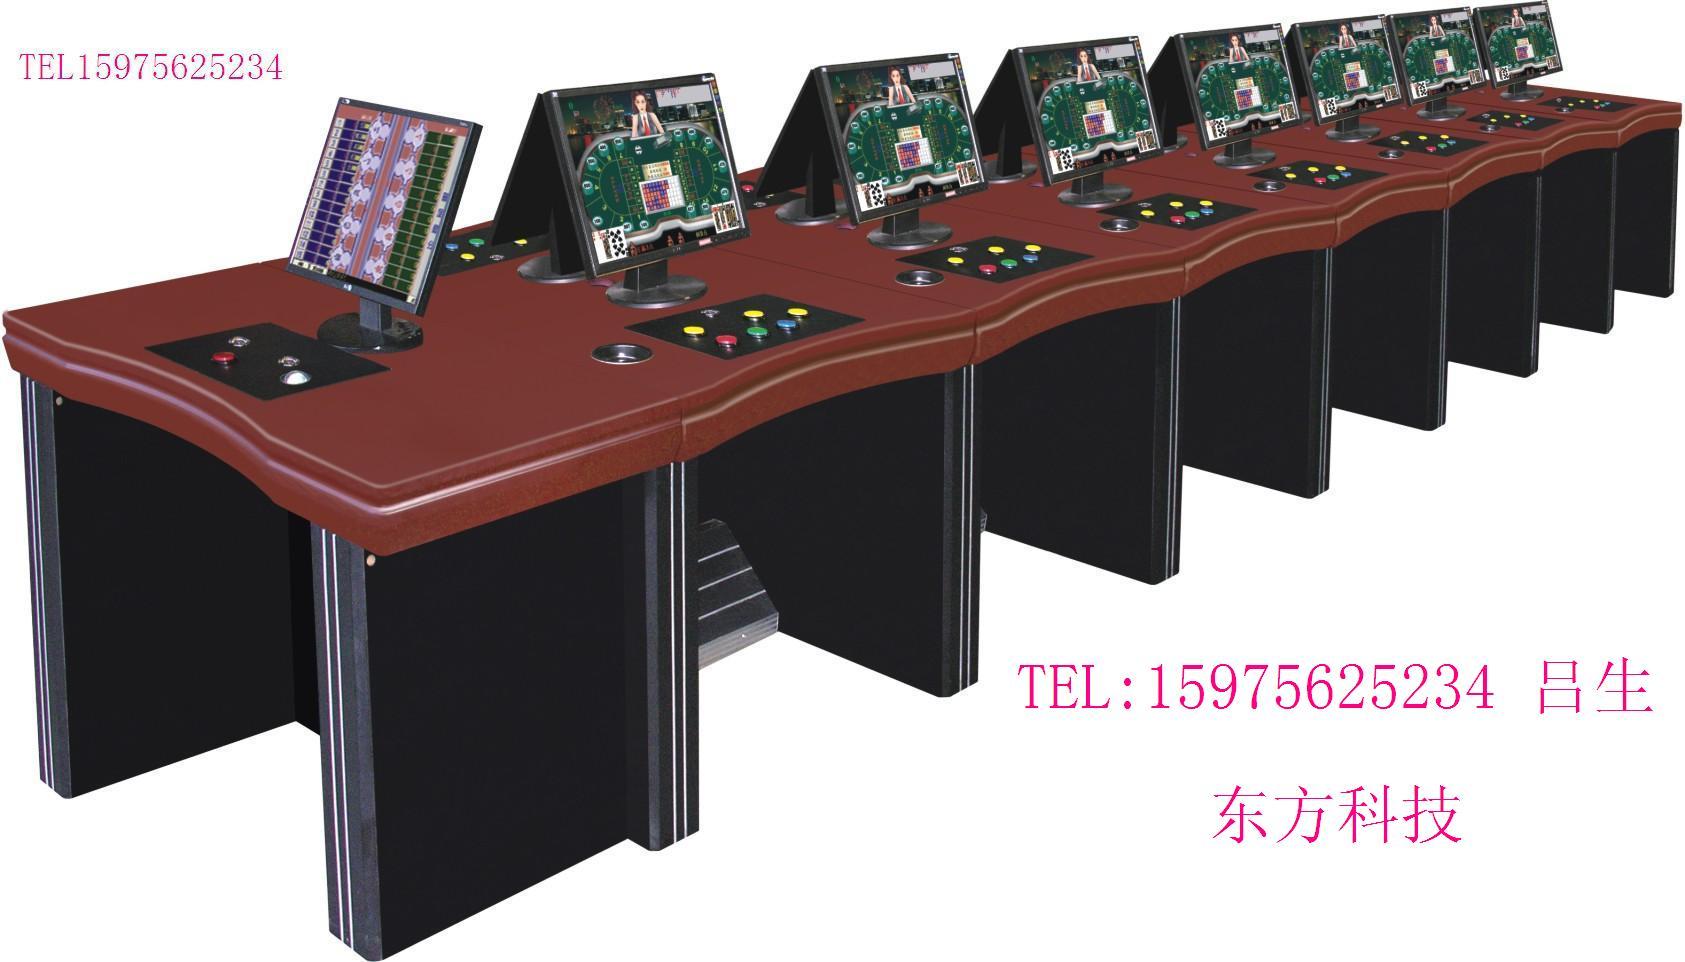 电子玩具 游戏 桌上球类 桌台 1685_962